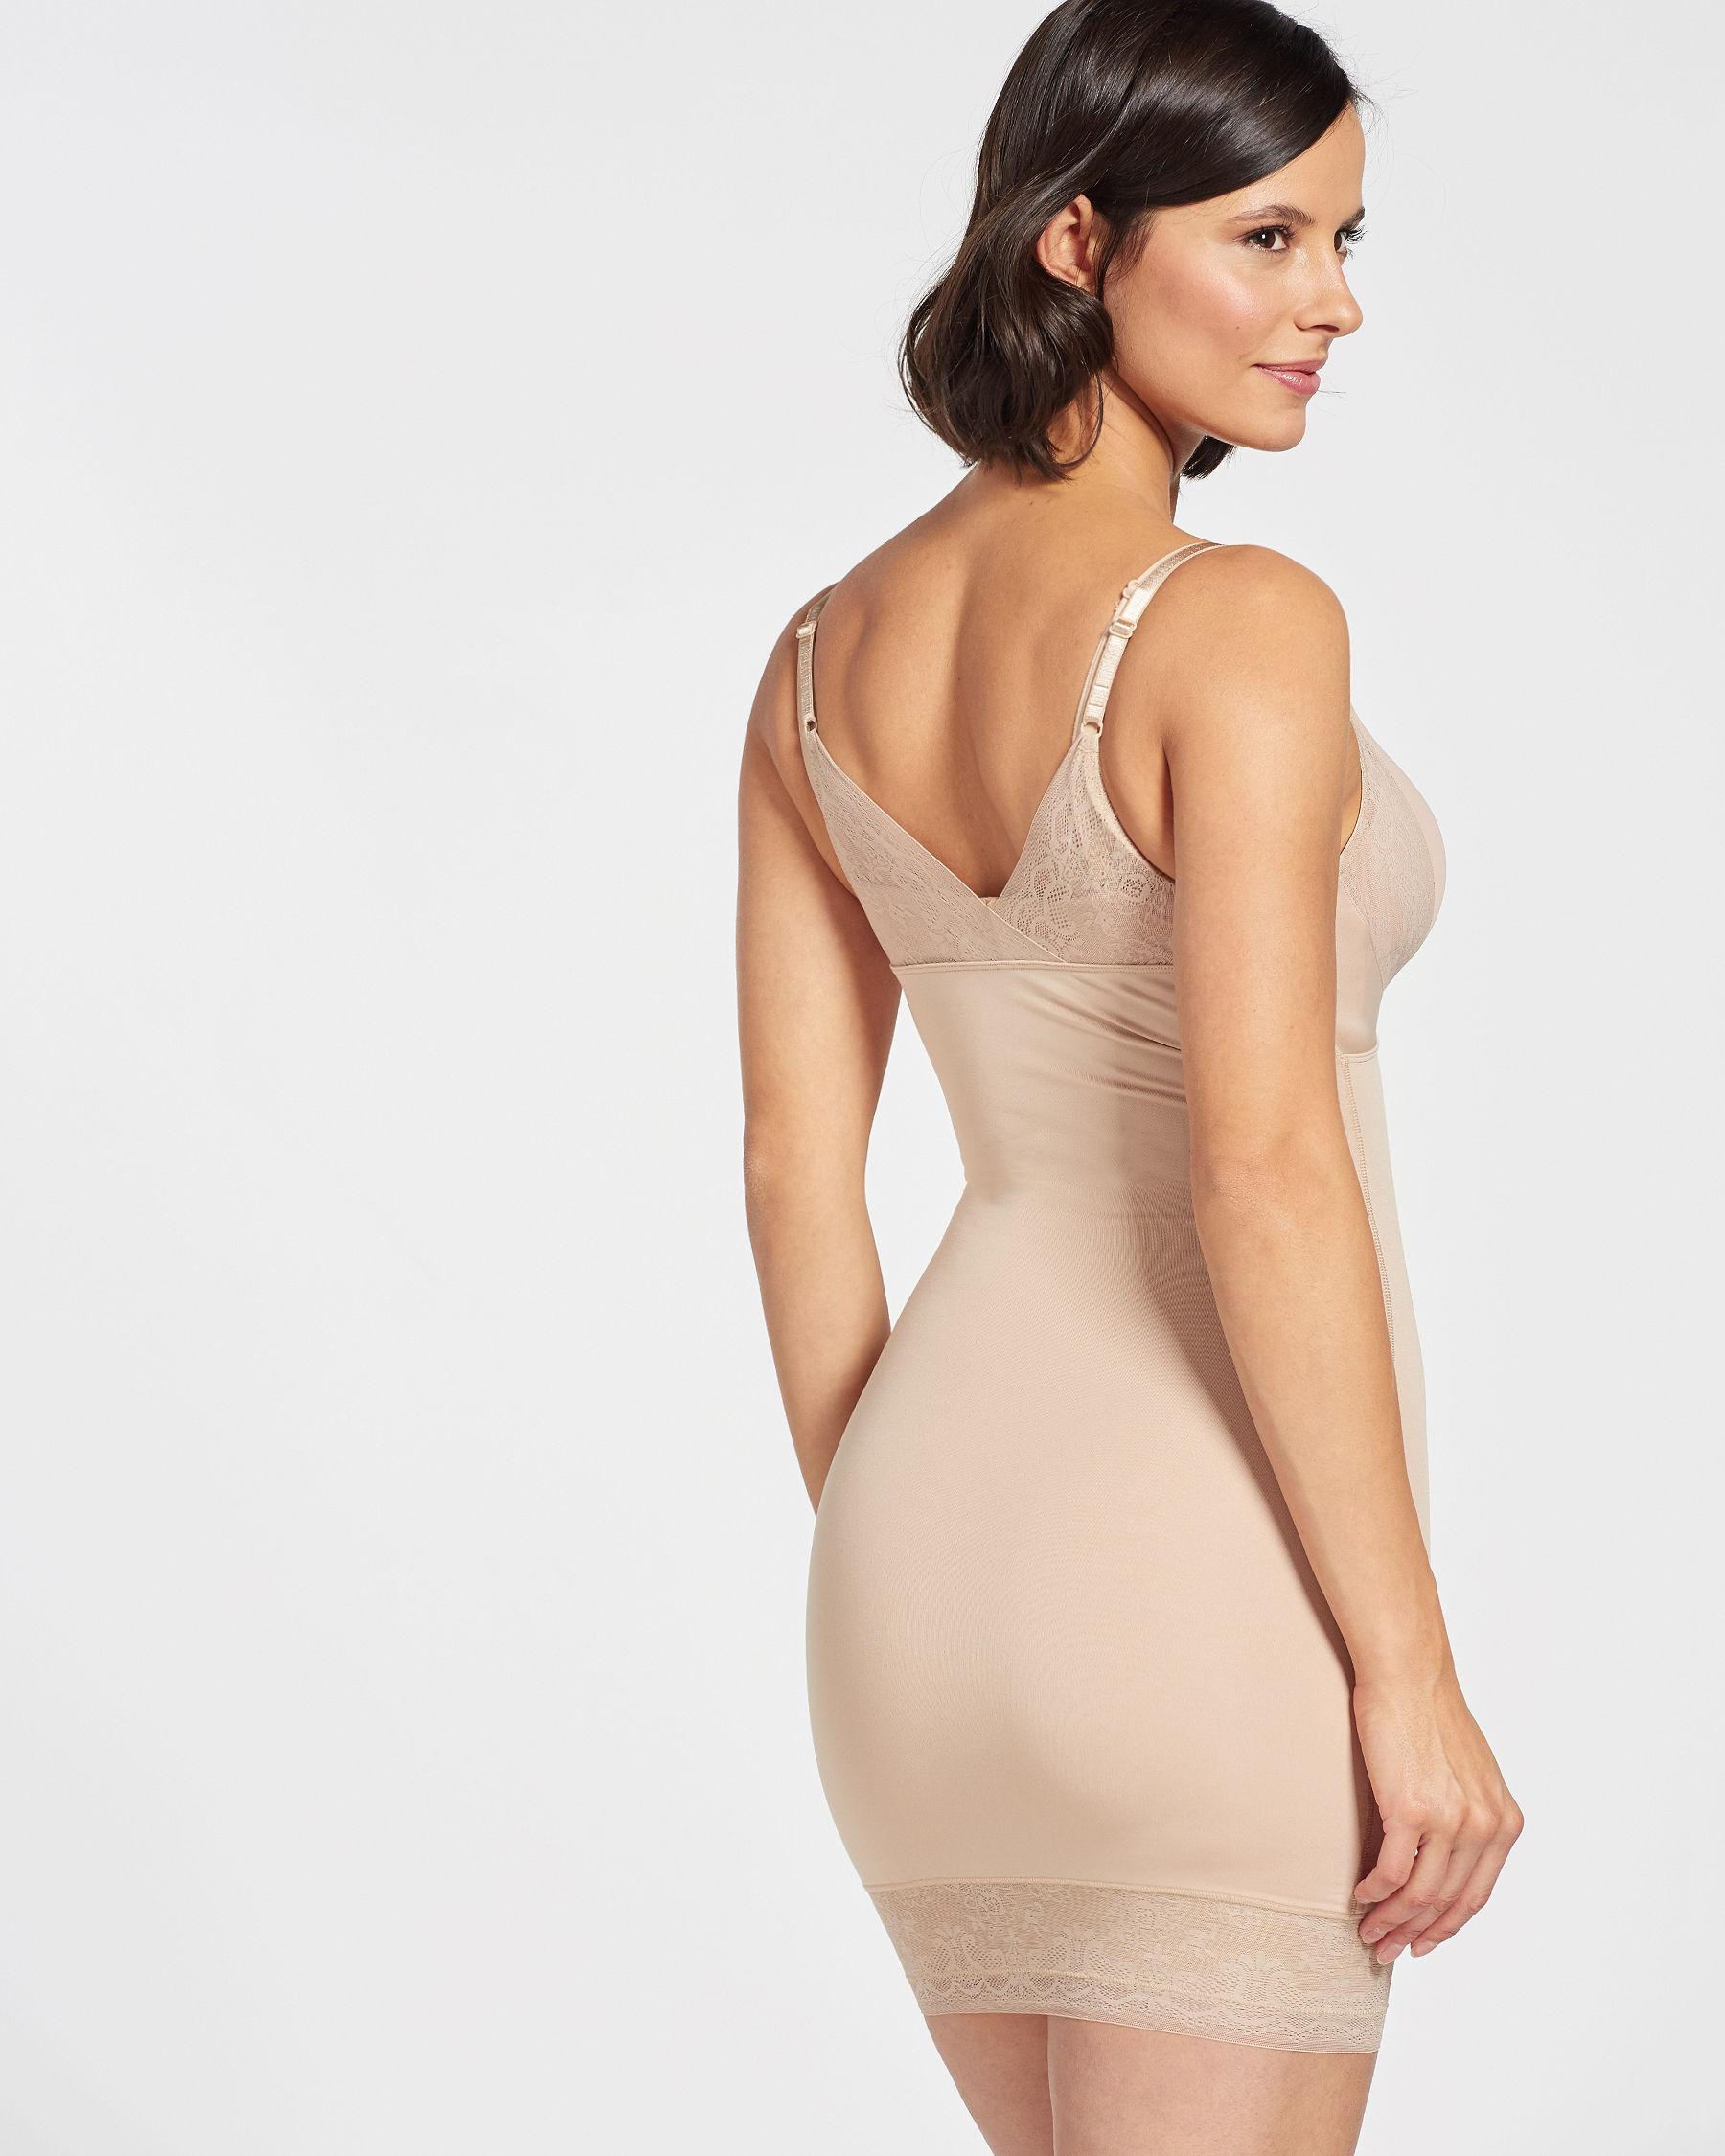 LA VIE EN ROSE Dress Control Neutral 897-126-0-00 - View2